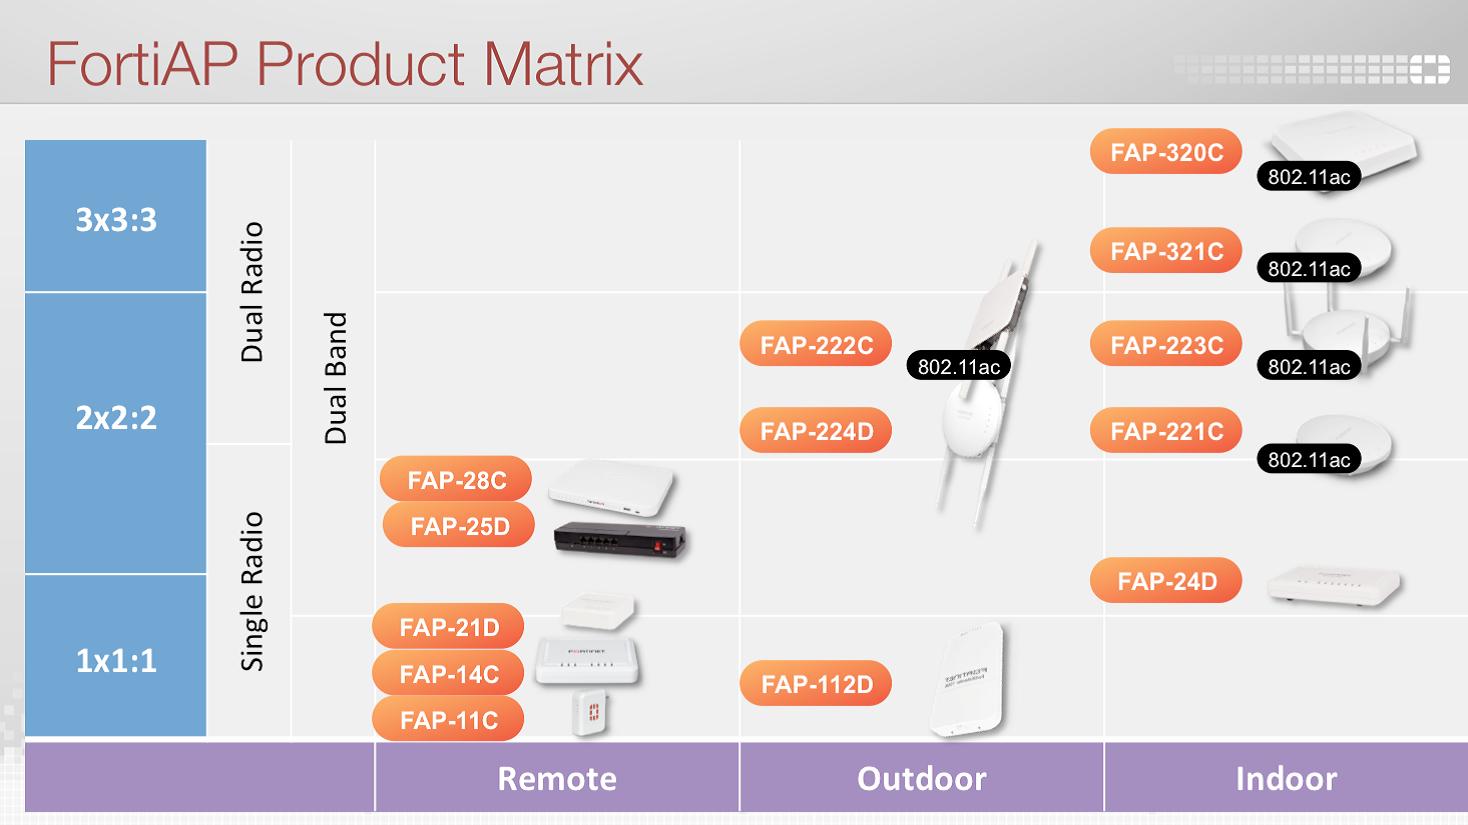 FortiAP Product Matrix